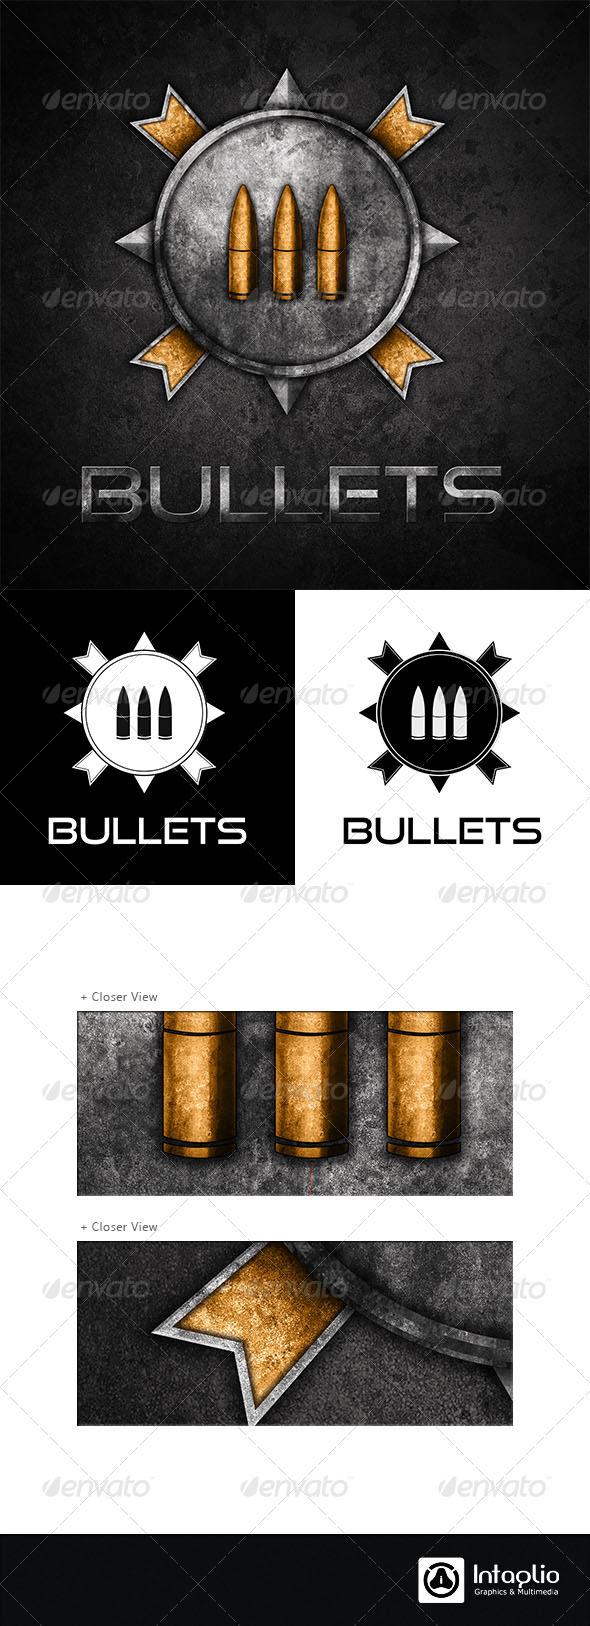 Military / Gaming Logo - Bullets